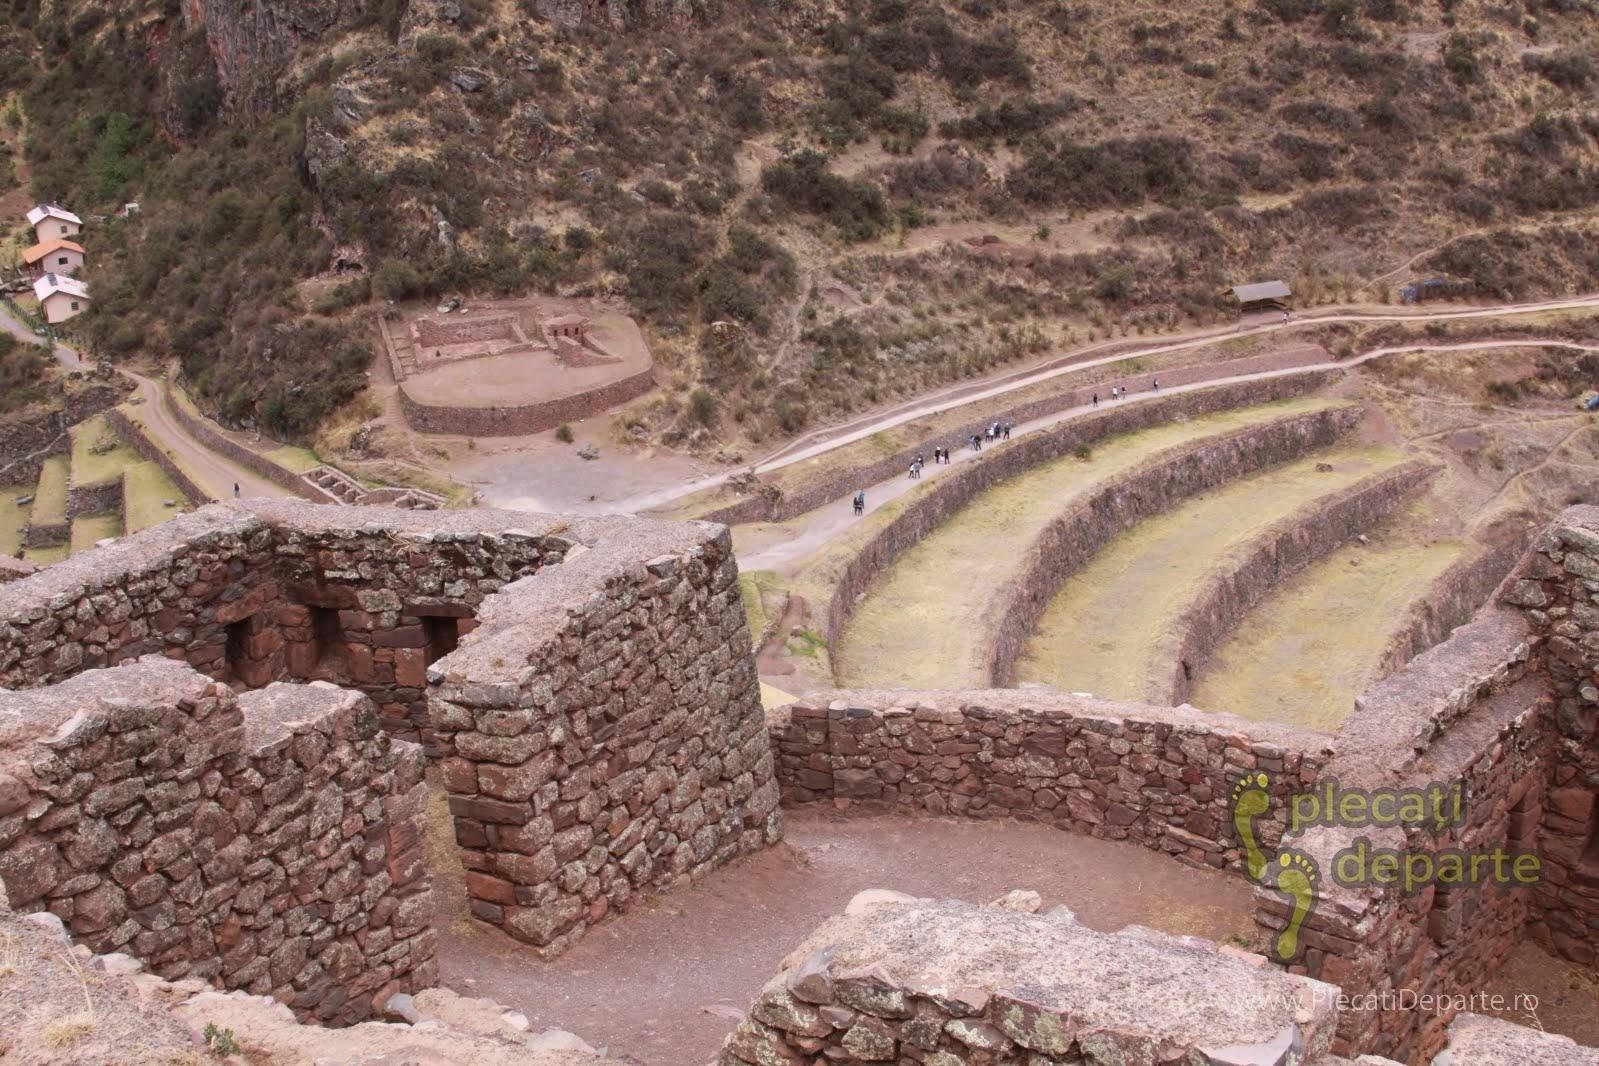 Qantus Raquay din Parcul Arheologic din Pisac, obiectiv turistic din Valea Sacra, Peru